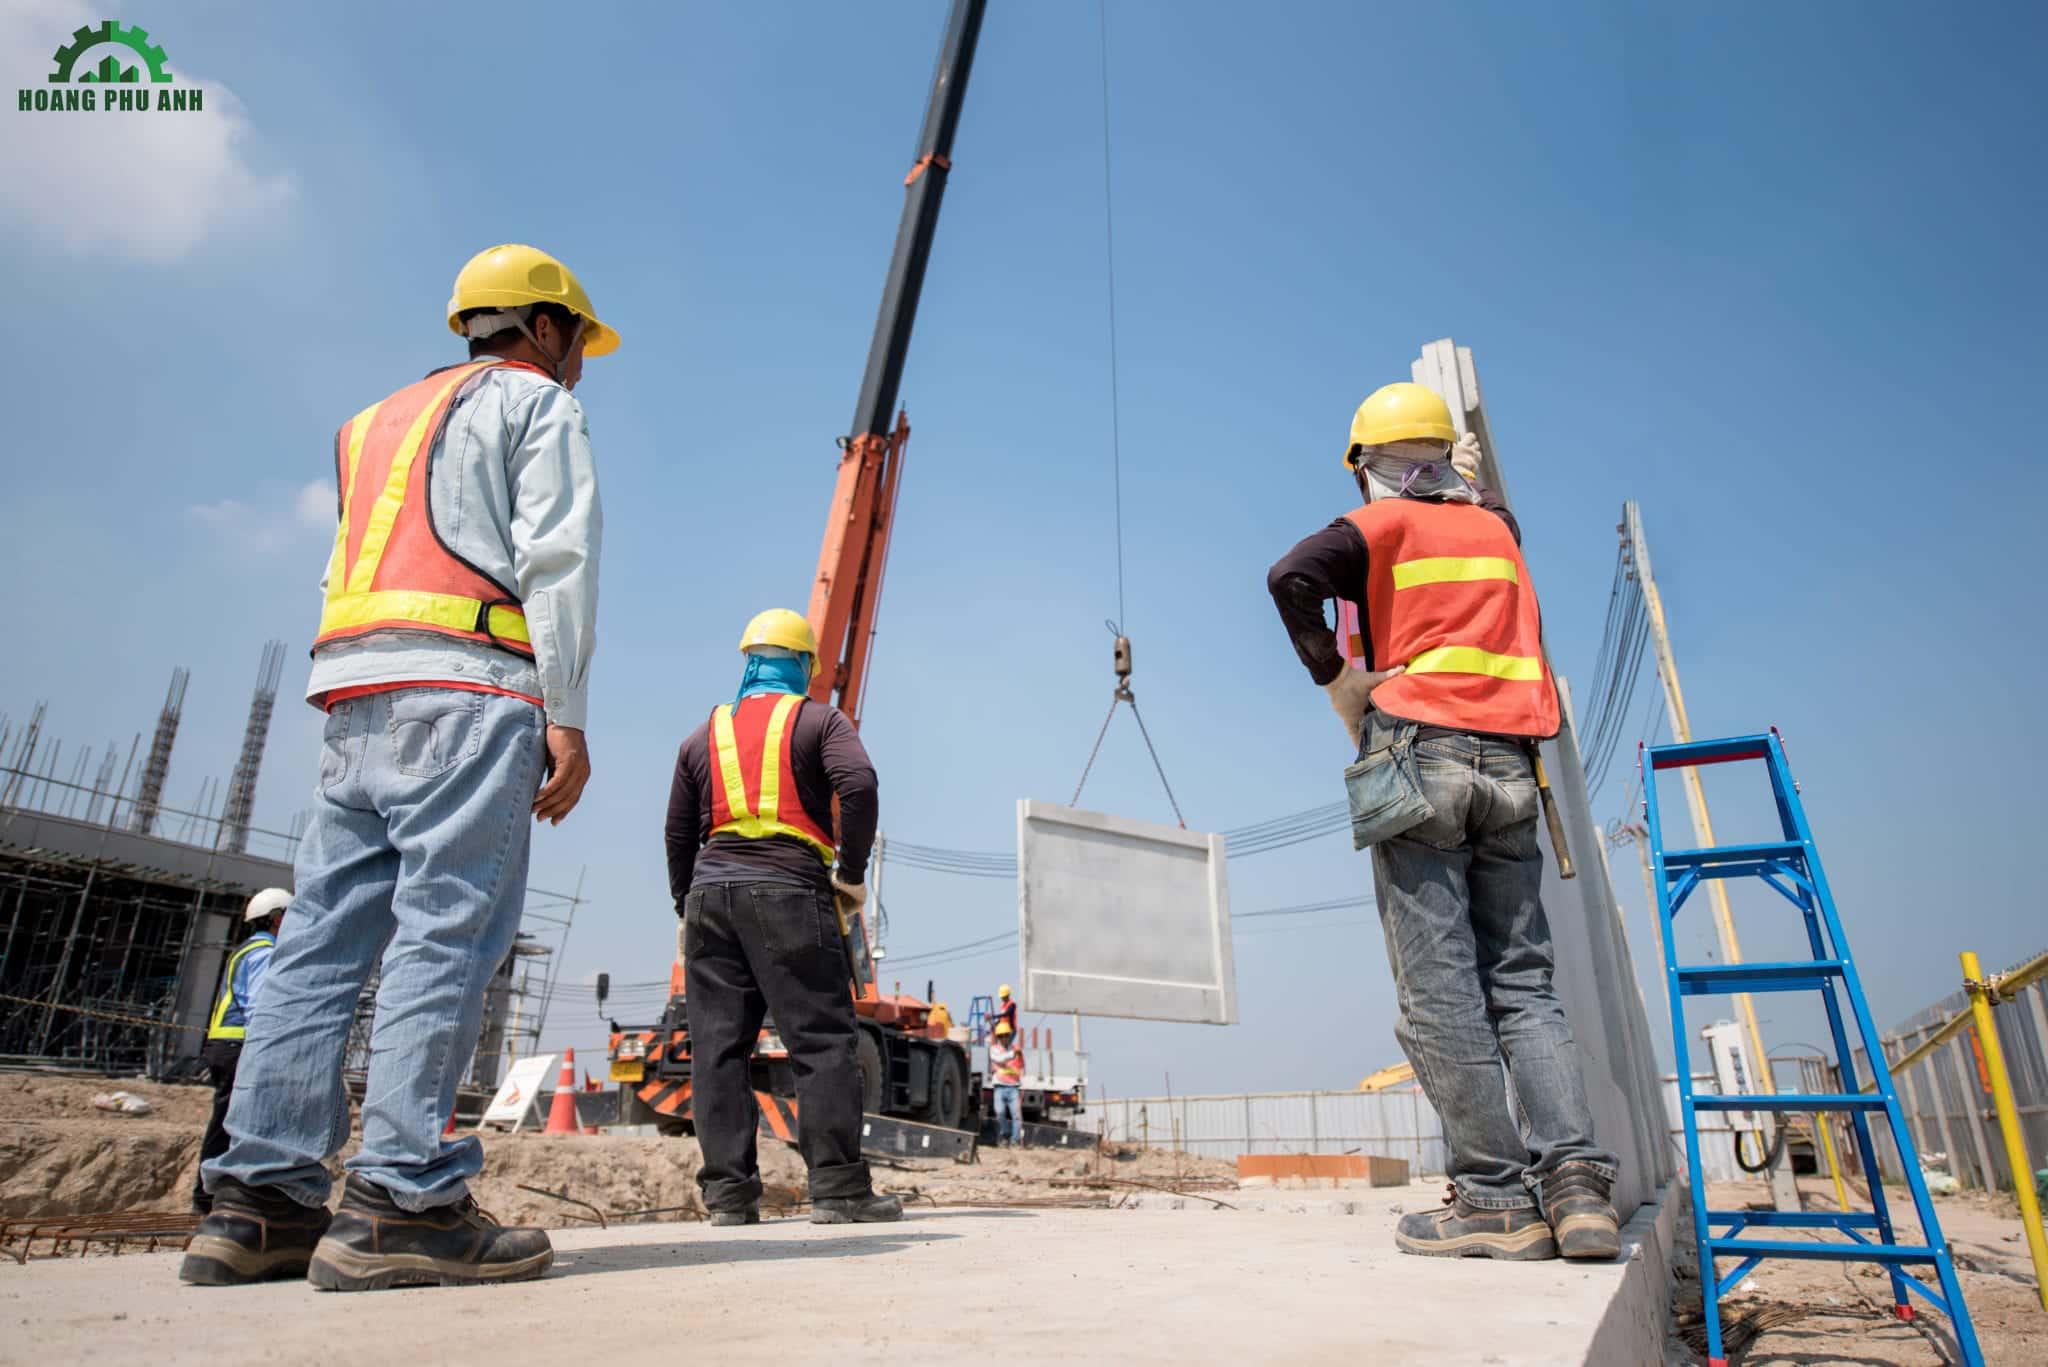 công nhân đang thi công tại công trường